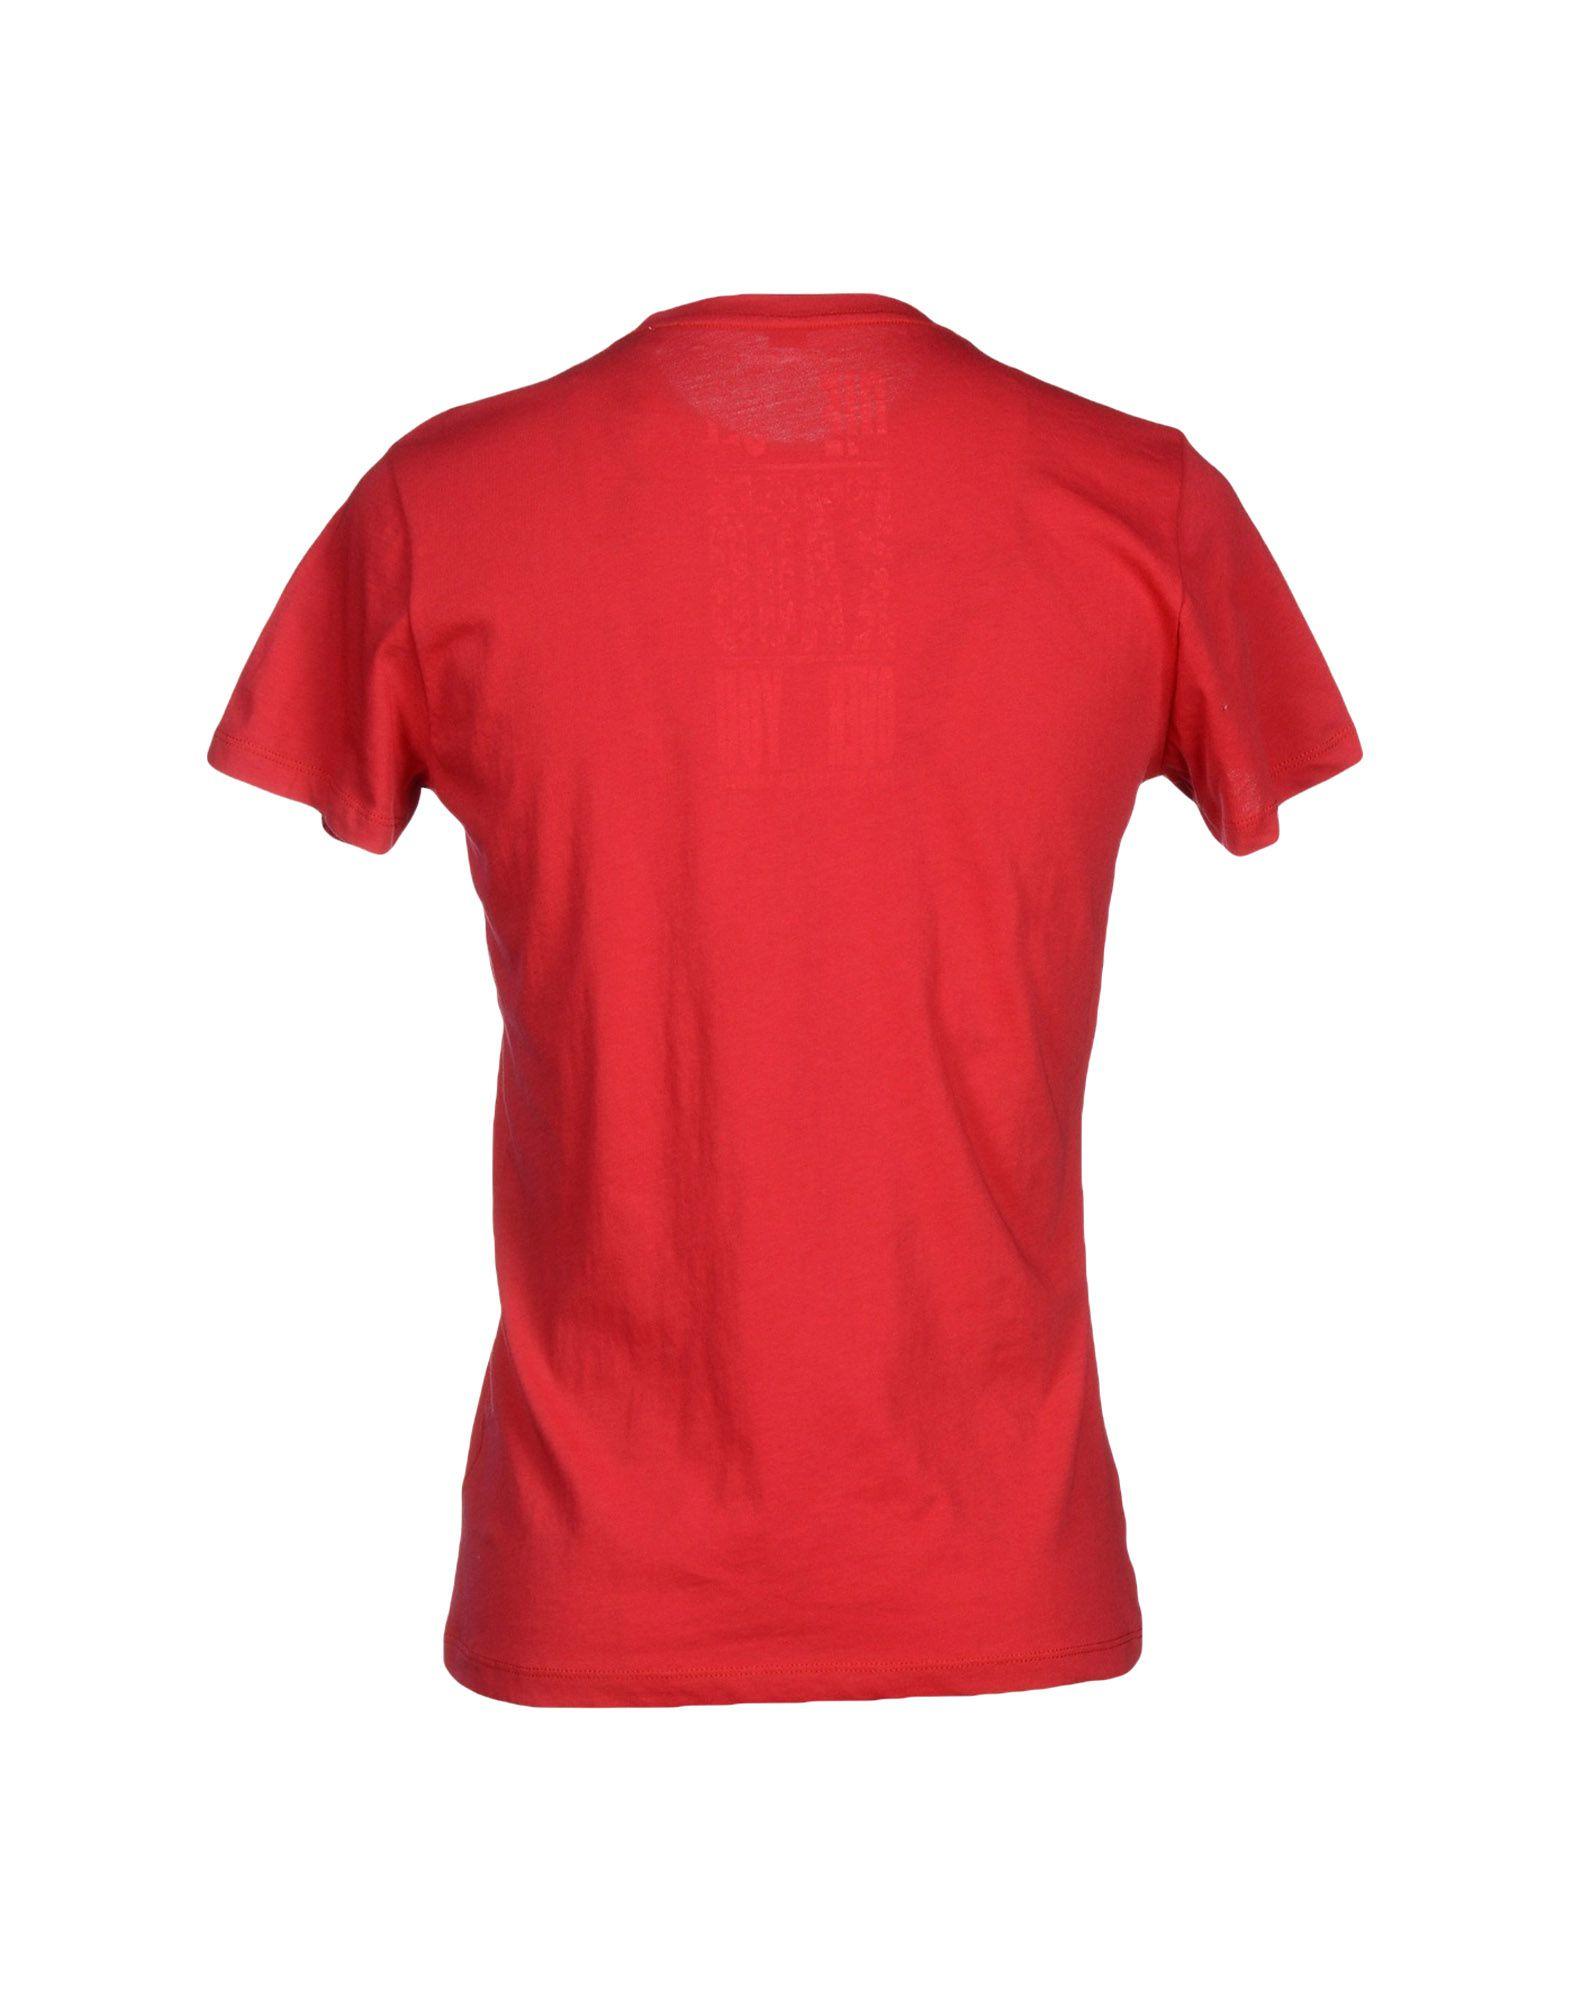 diesel t shirt in red for men lyst. Black Bedroom Furniture Sets. Home Design Ideas